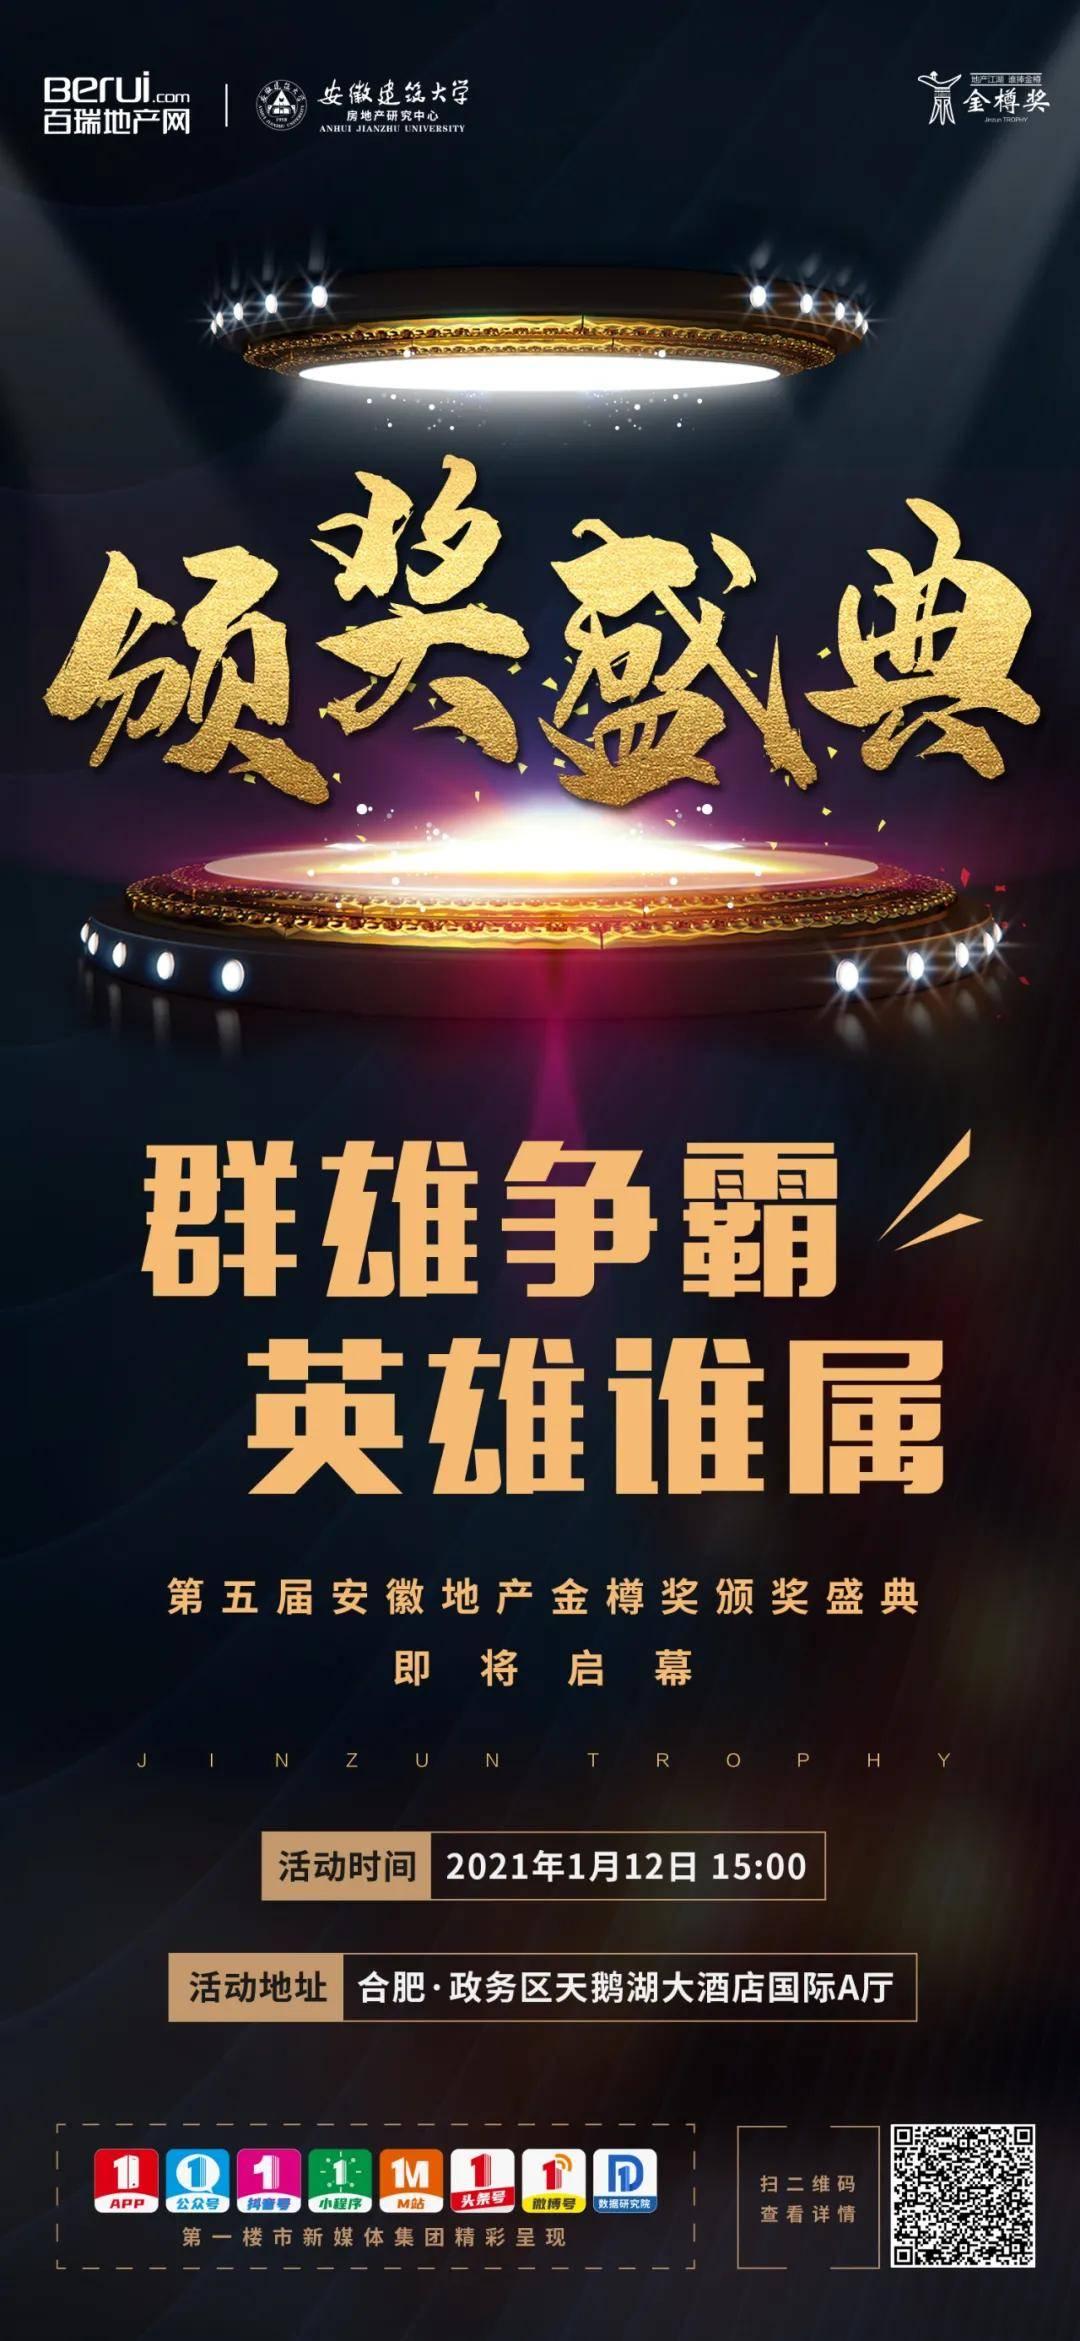 第五届安徽地产金樽奖颁奖盛典即将启幕!期待与你一起见证!